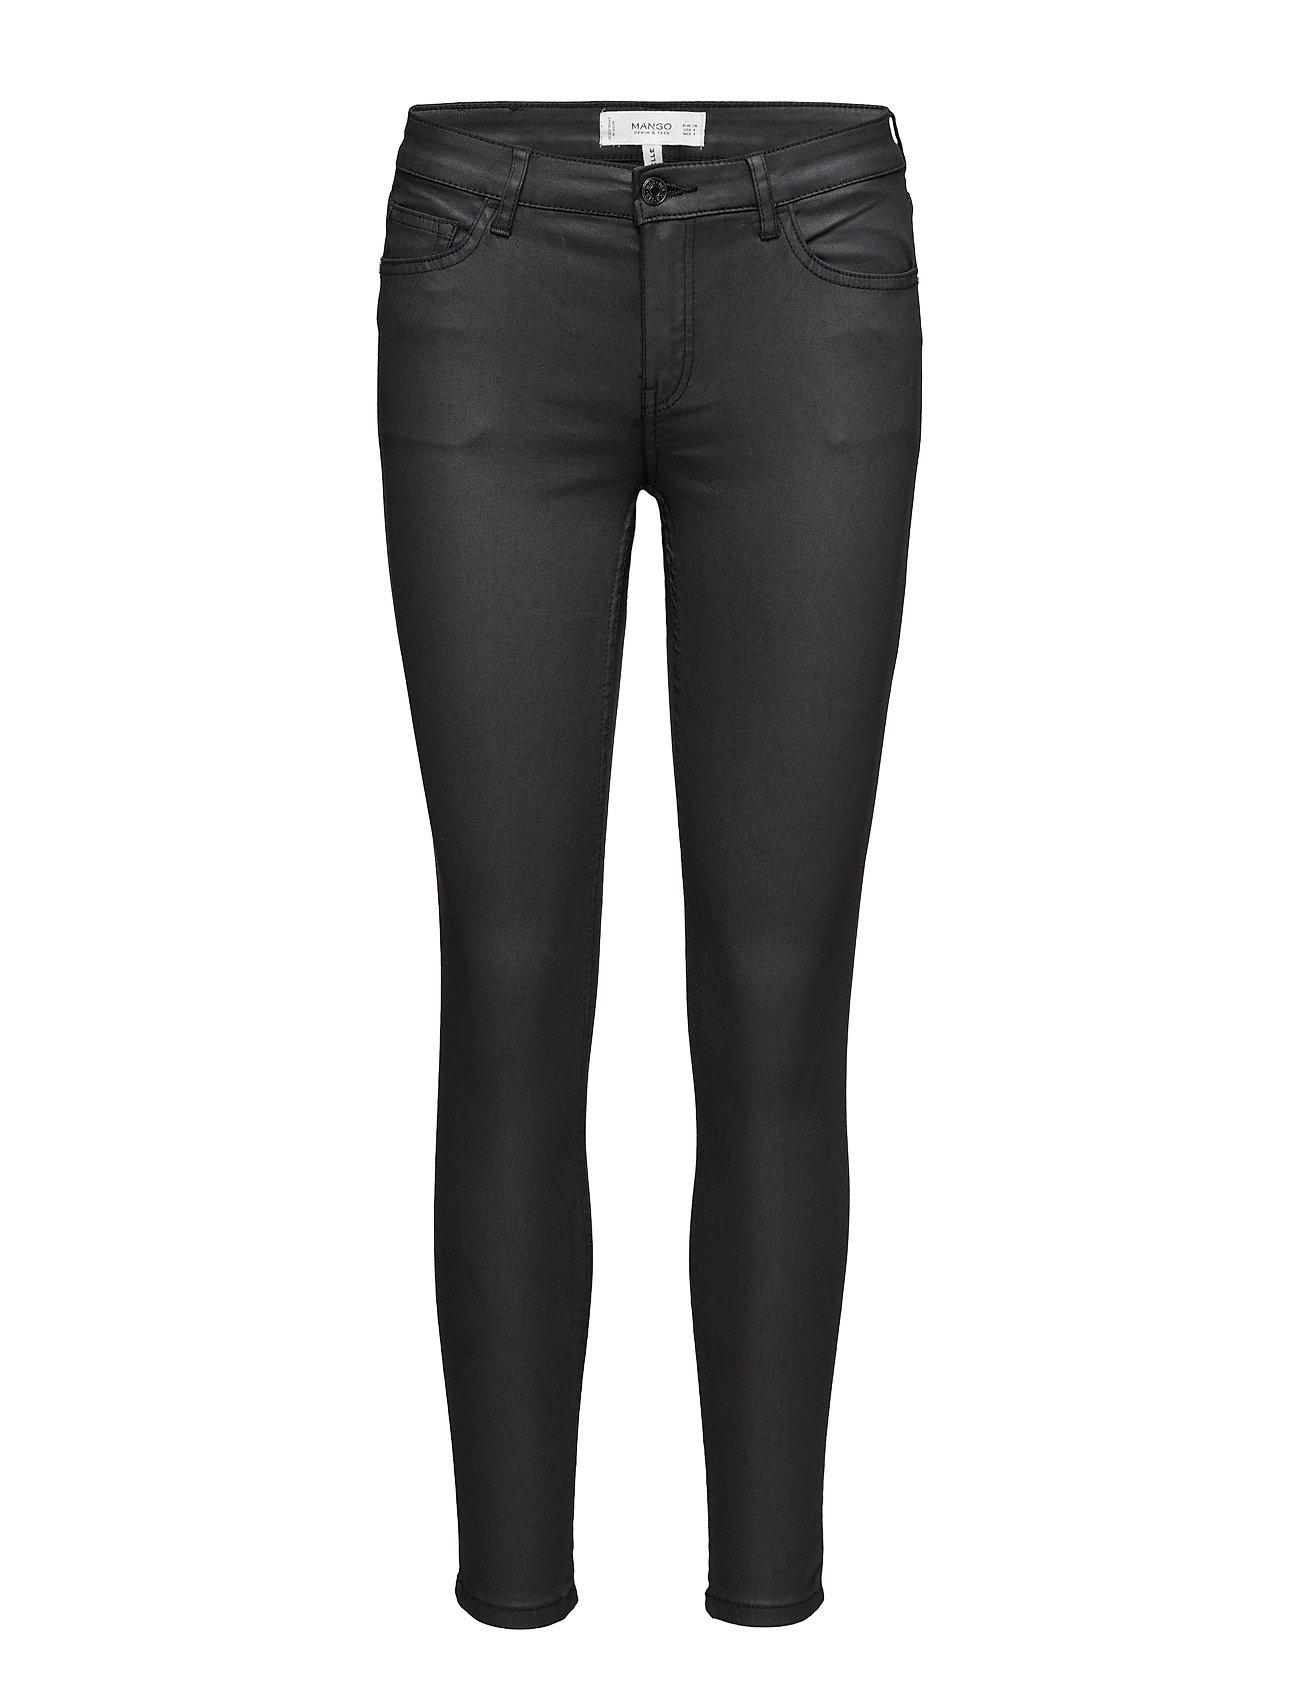 Waxed Skinny Belle Jeans Mango Skinny til Kvinder i Sort